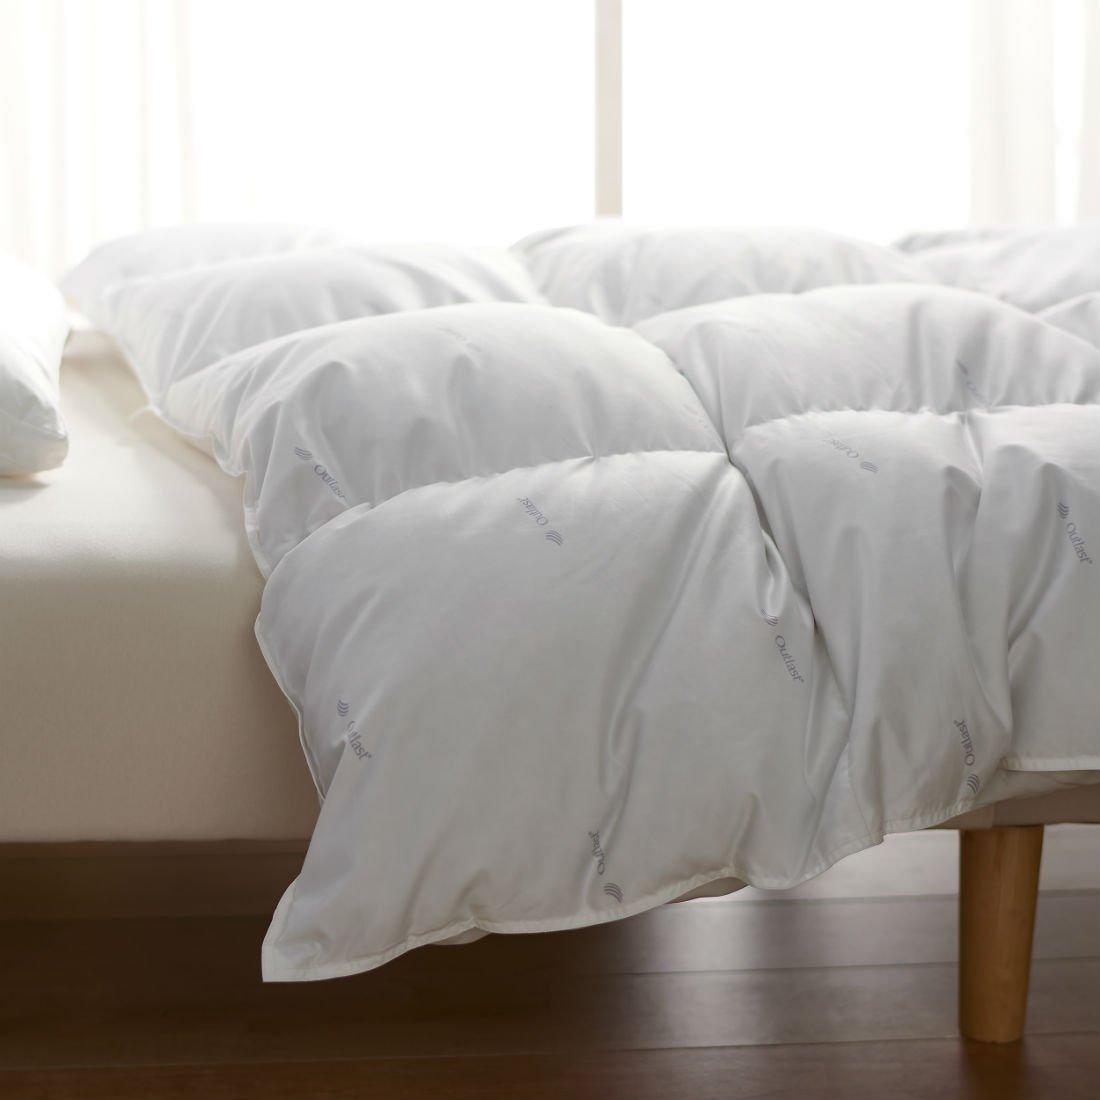 暮らしのデザインアウトラスト温度調節生地 羽毛布団肌掛け シングル B072JJQMGC